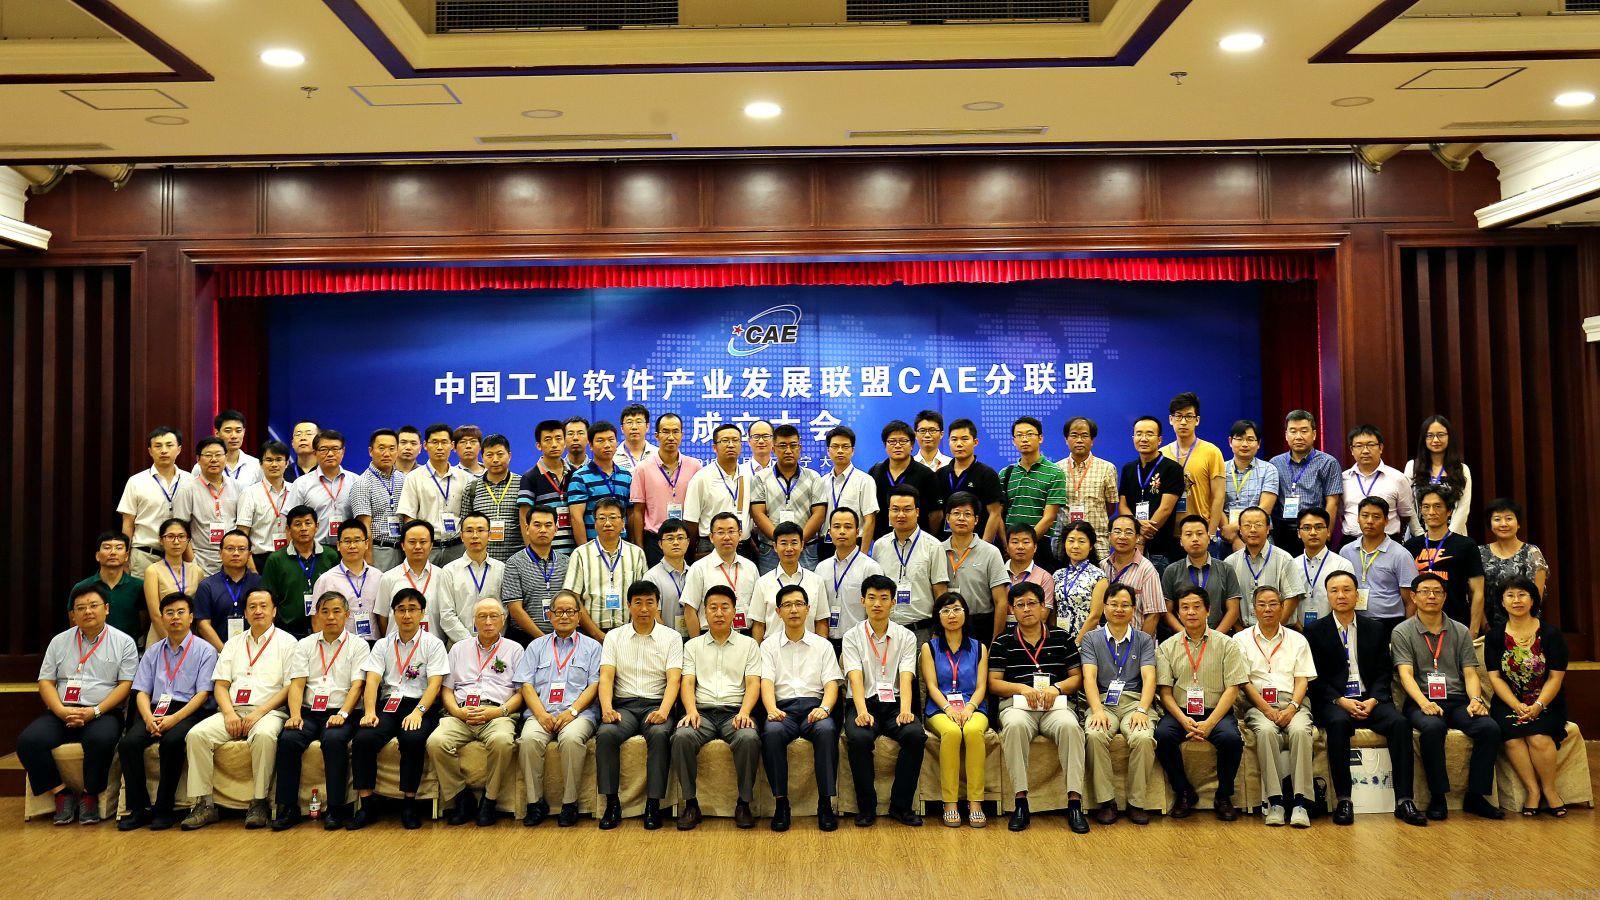 中国工业软件产业发展CAE联盟成立,